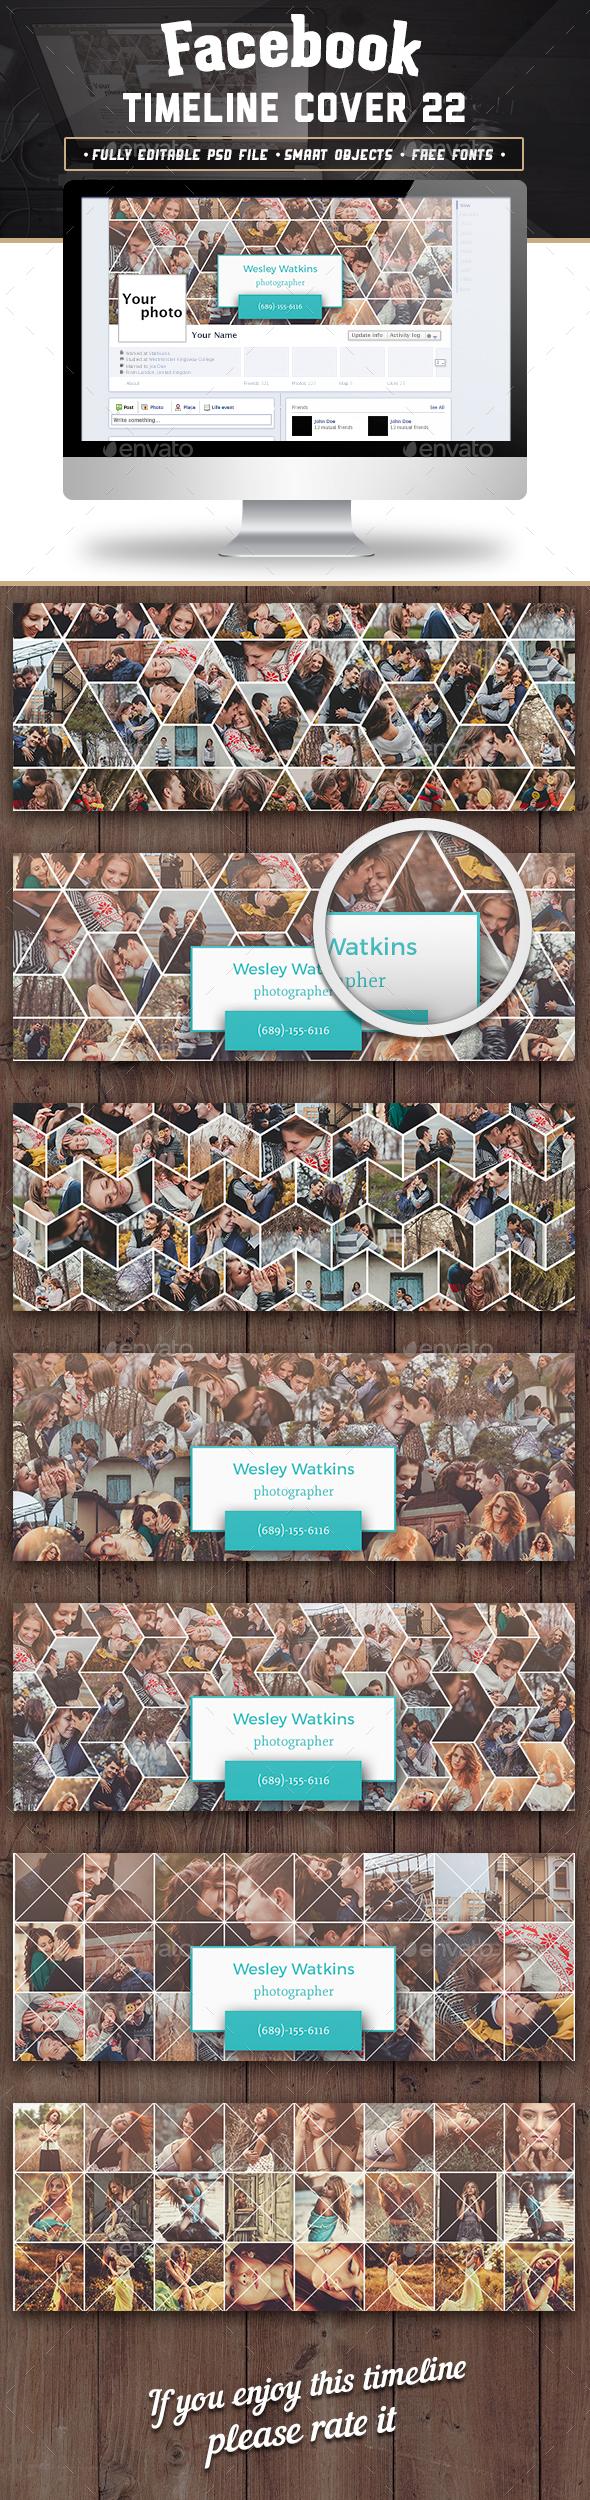 Facebook Timeline Cover 22 - Facebook Timeline Covers Social Media